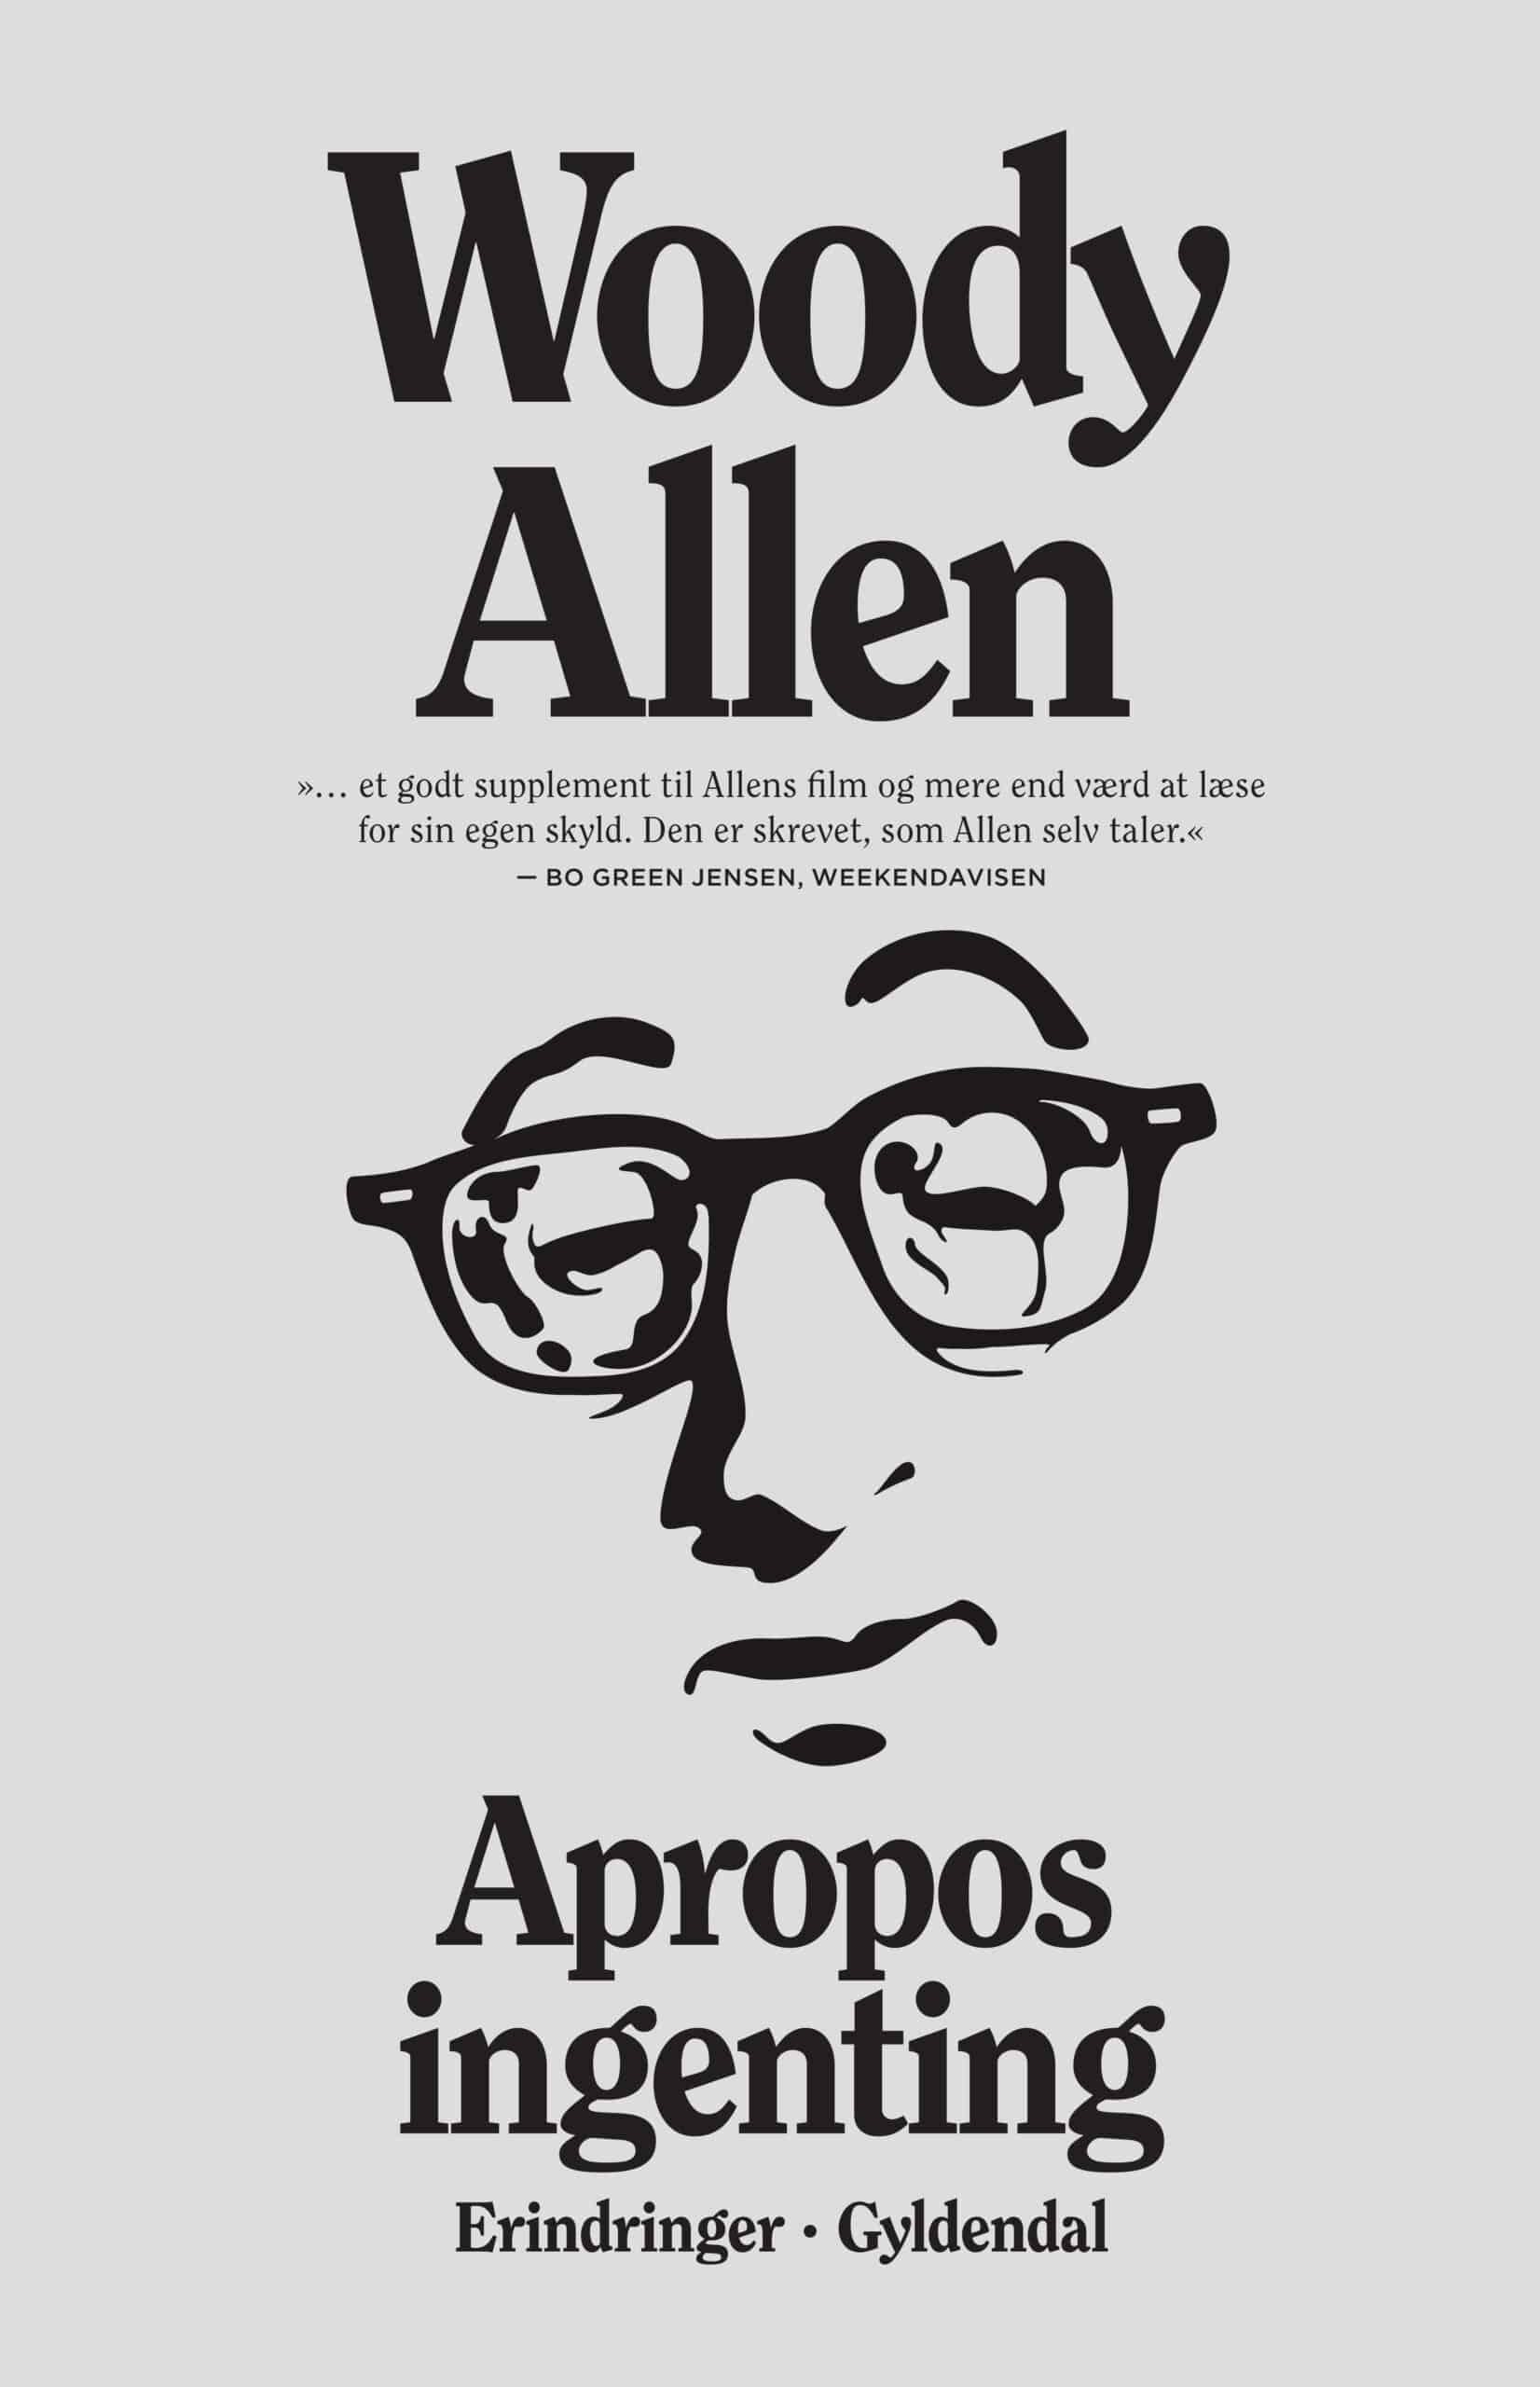 Woody Allen – Apropos Ingenting. Erindringer.